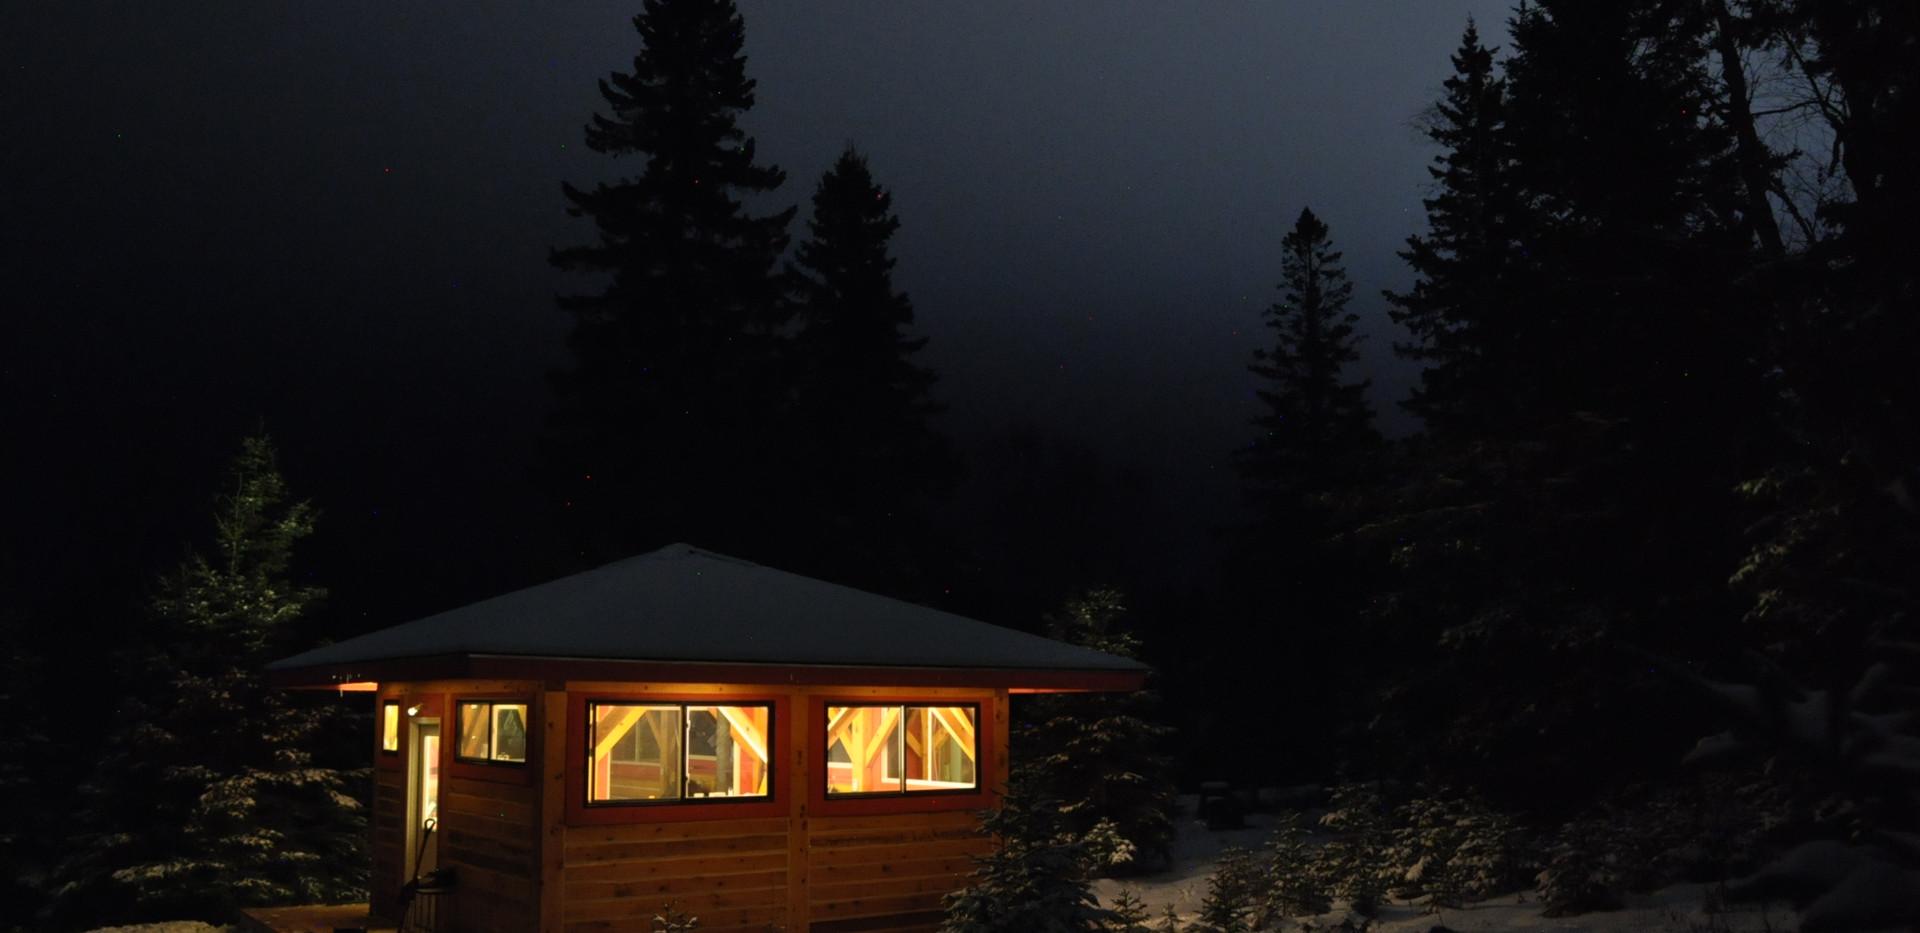 Firefly by night